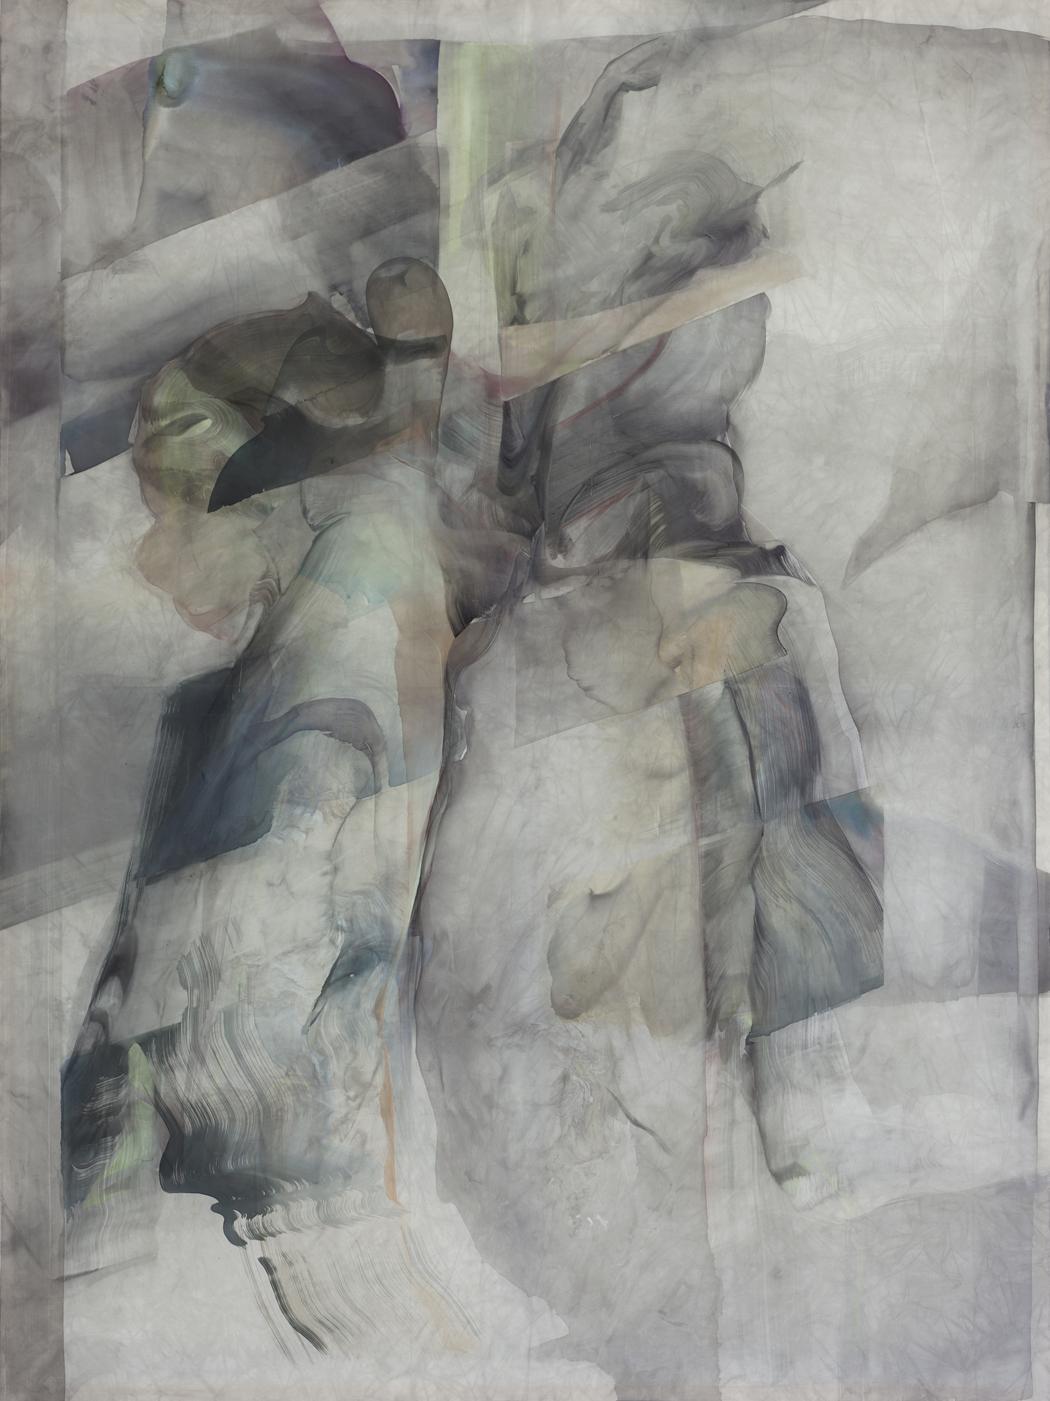 Natascha Schmitten_X-Ray, 2016, Tusche, Öl auf Nylon, 200 x 150 cm